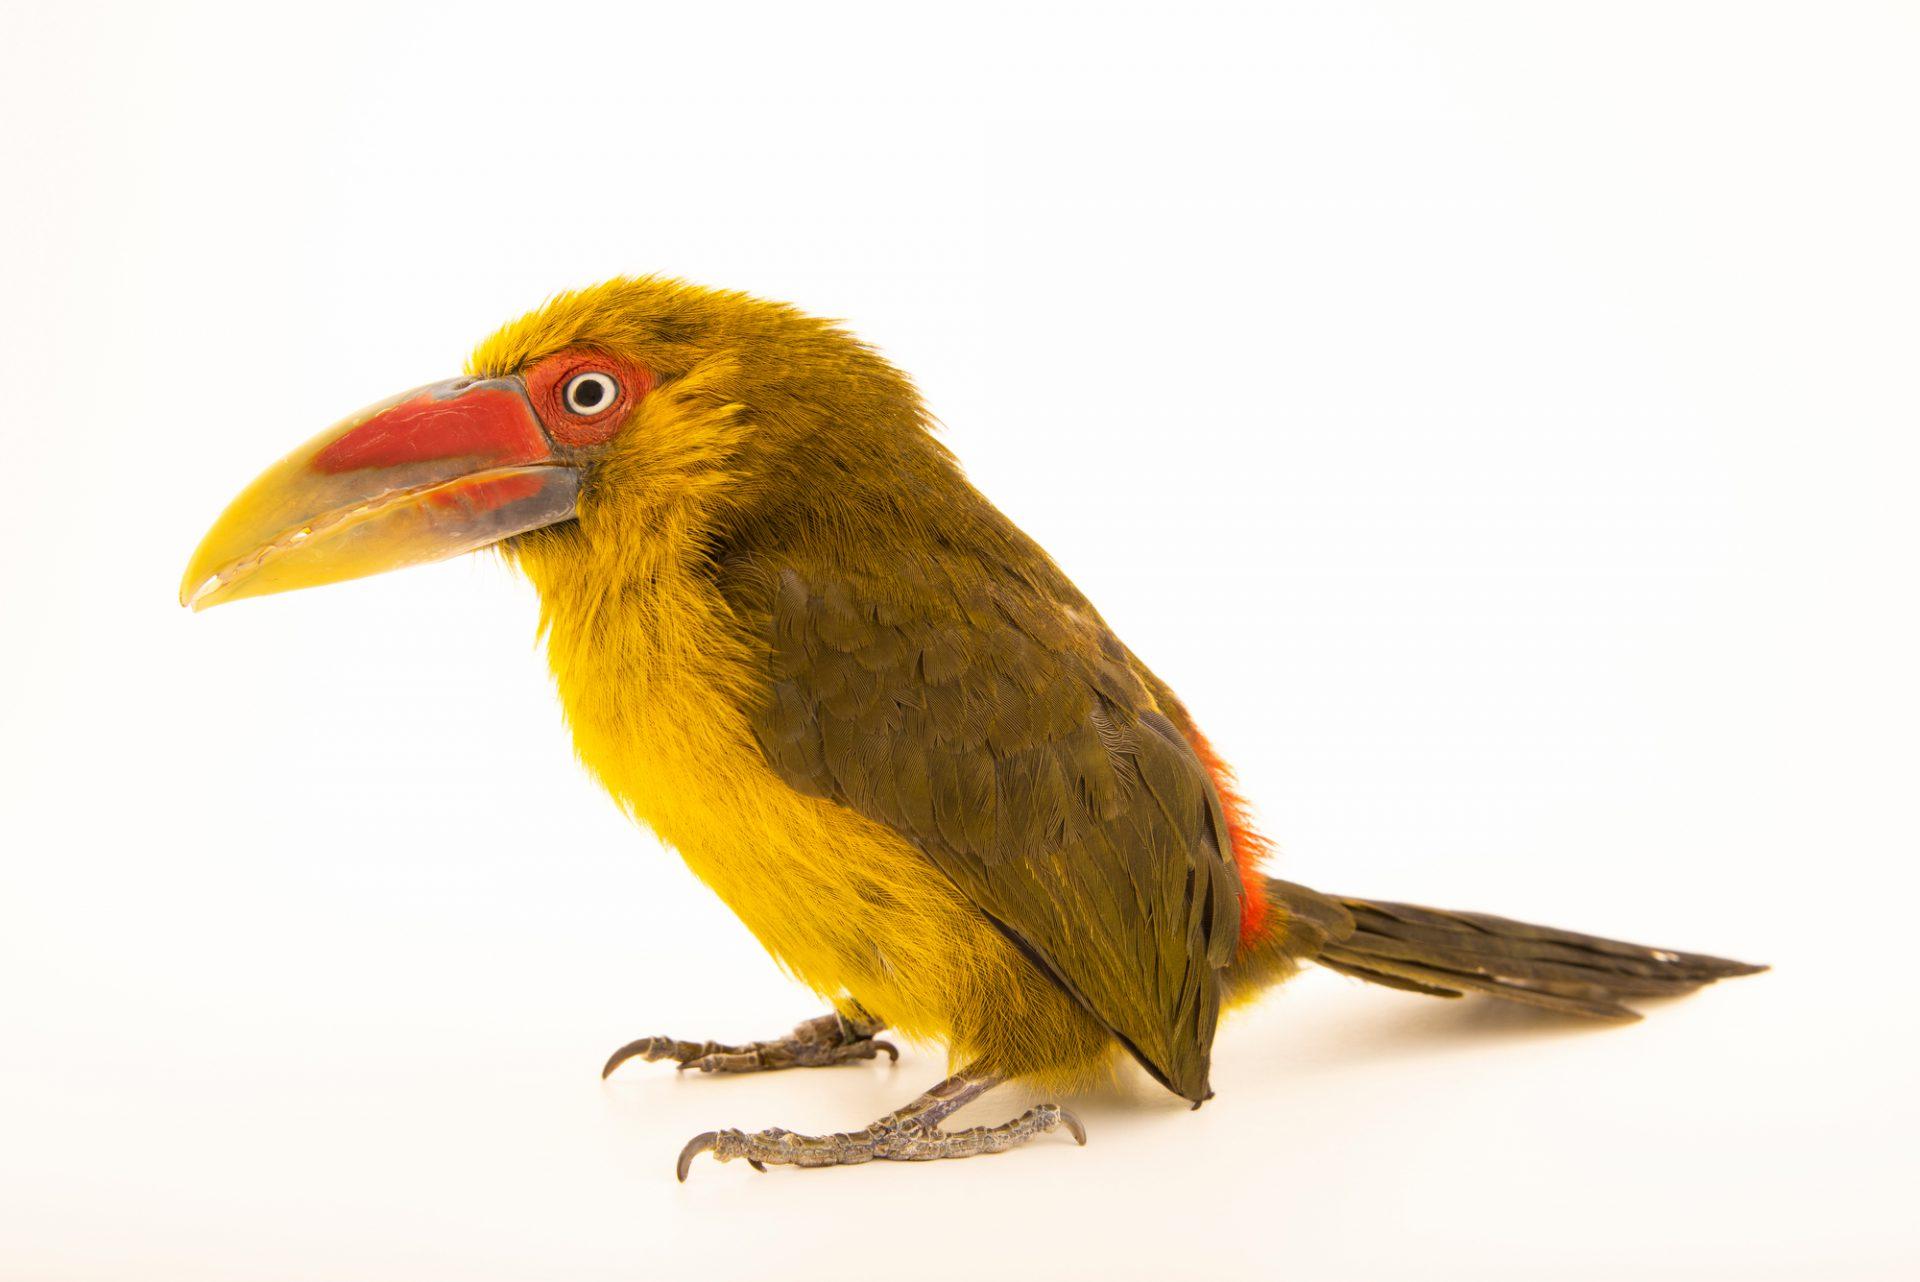 Photo: A male saffron toucanet (Baillonius bailloni) at the Dallas World Aquarium.